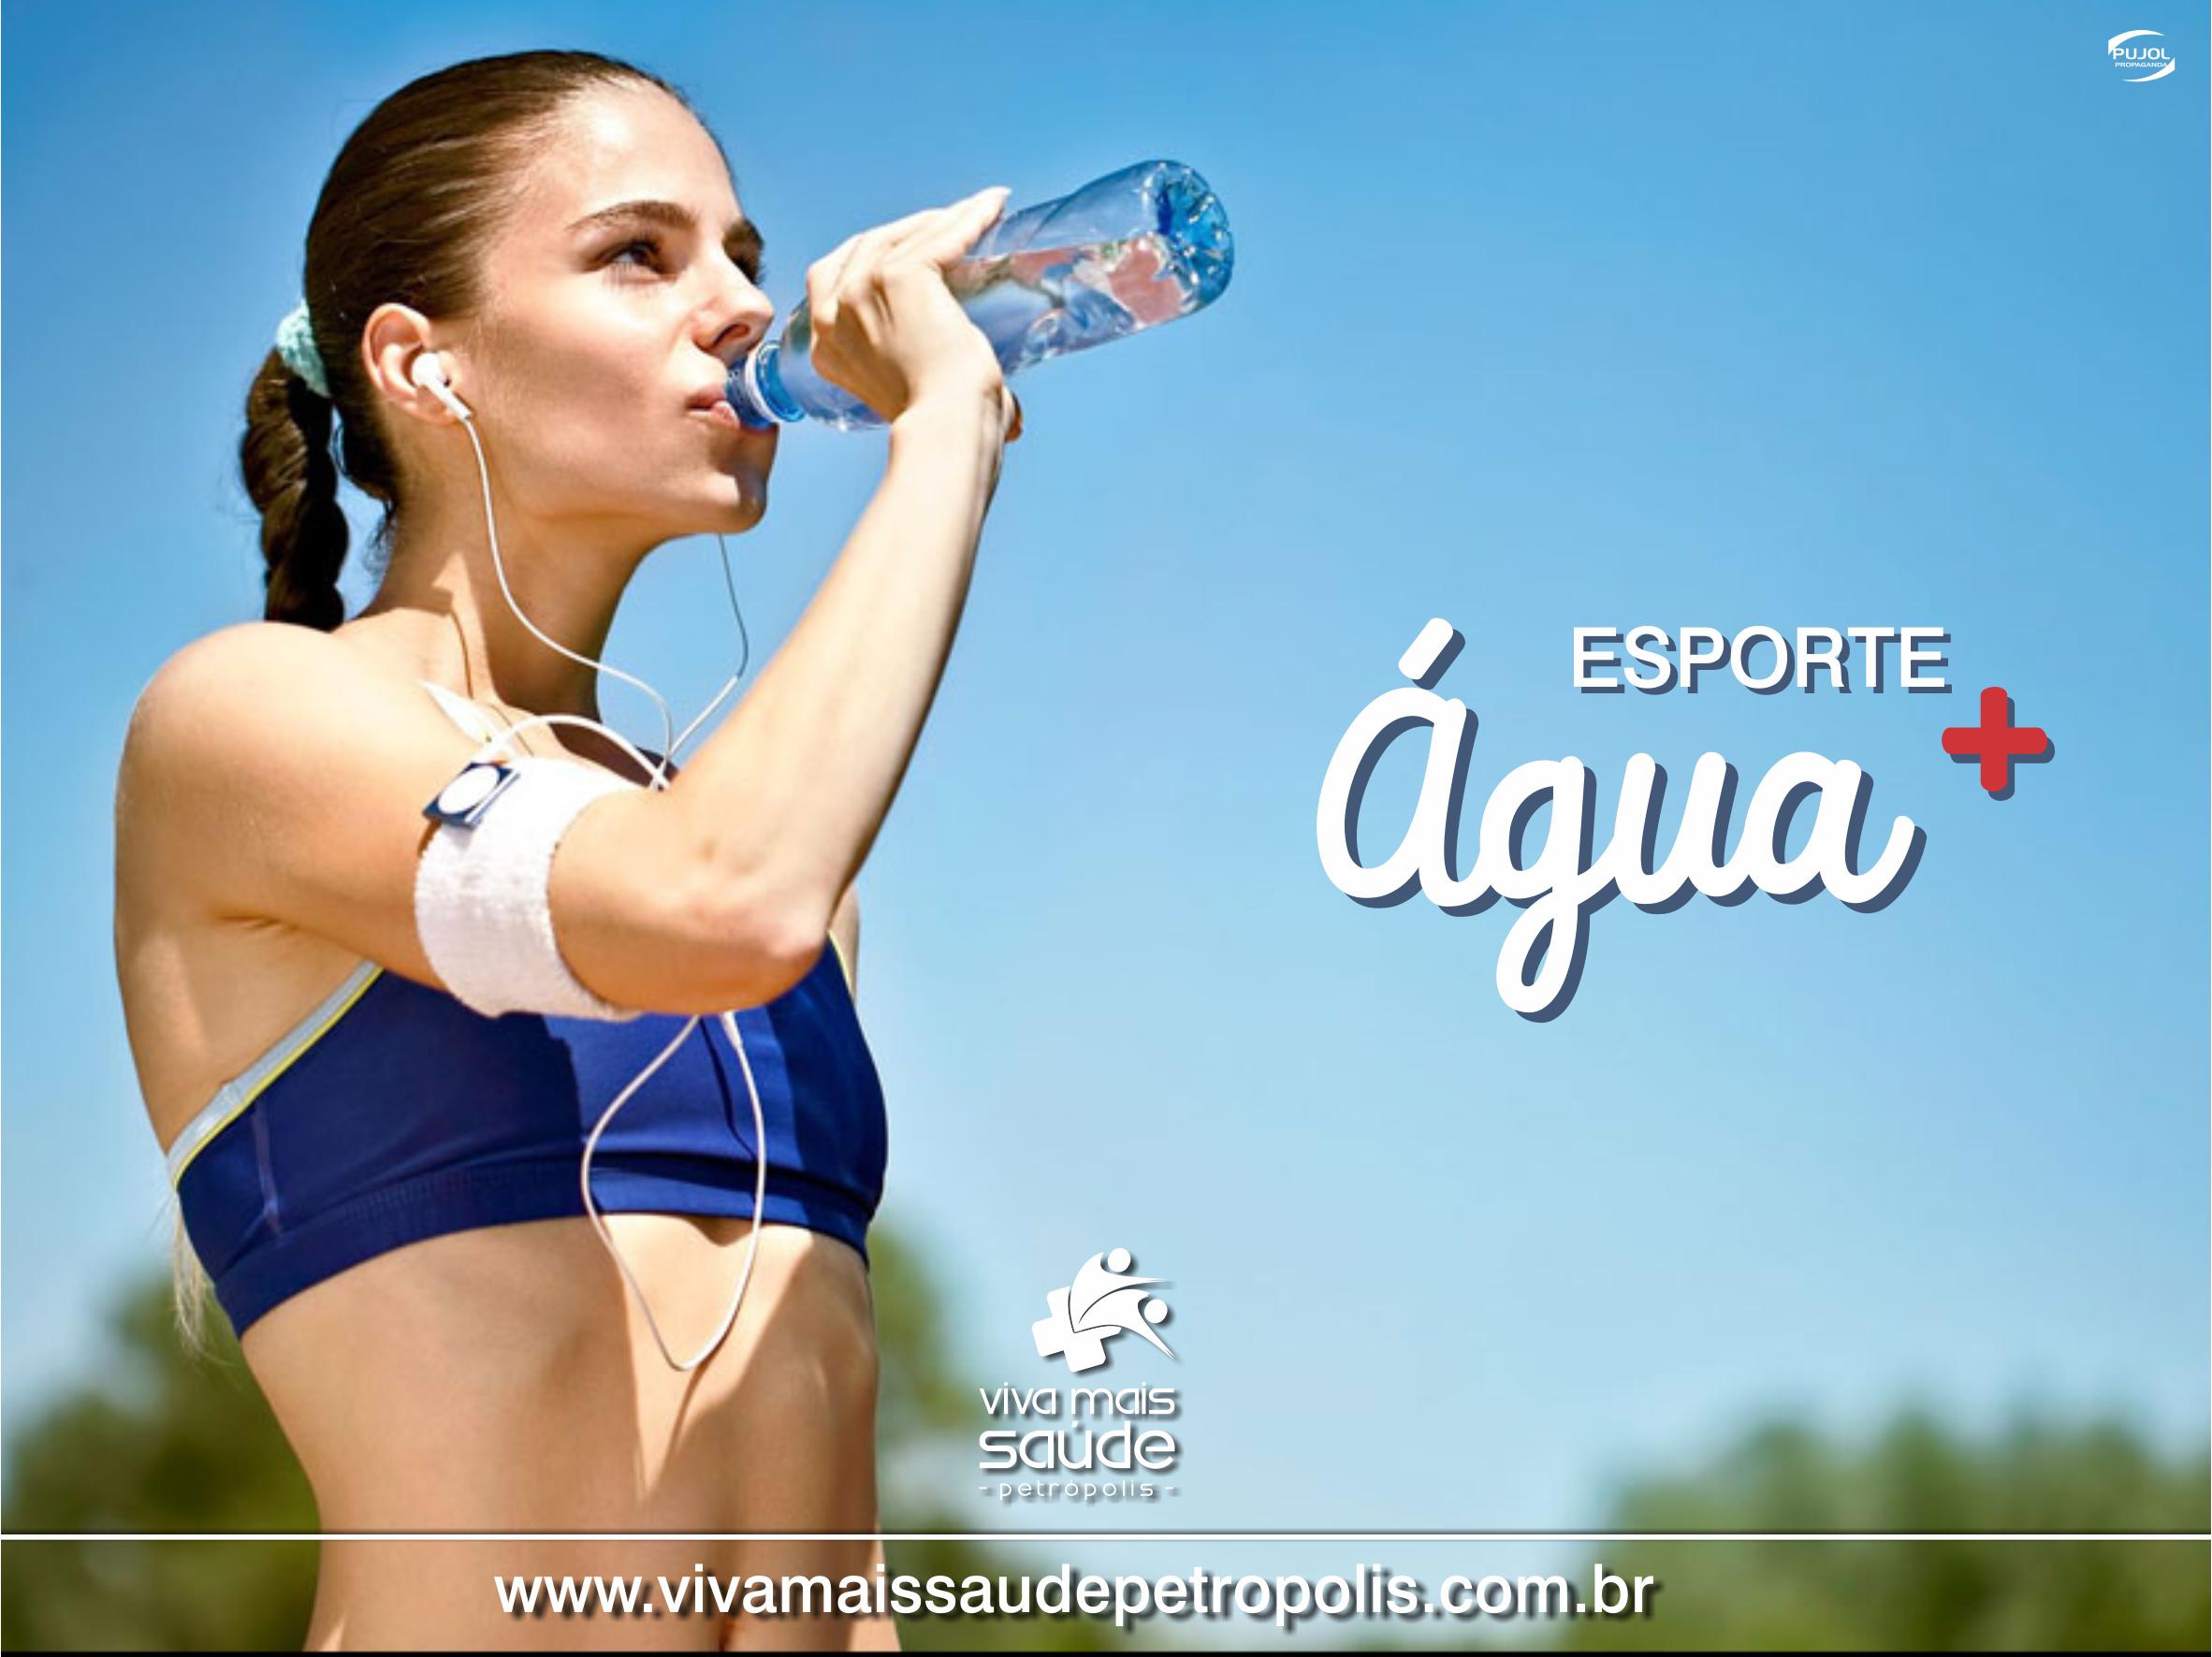 Facebook Publicações - Esporte + Água.png